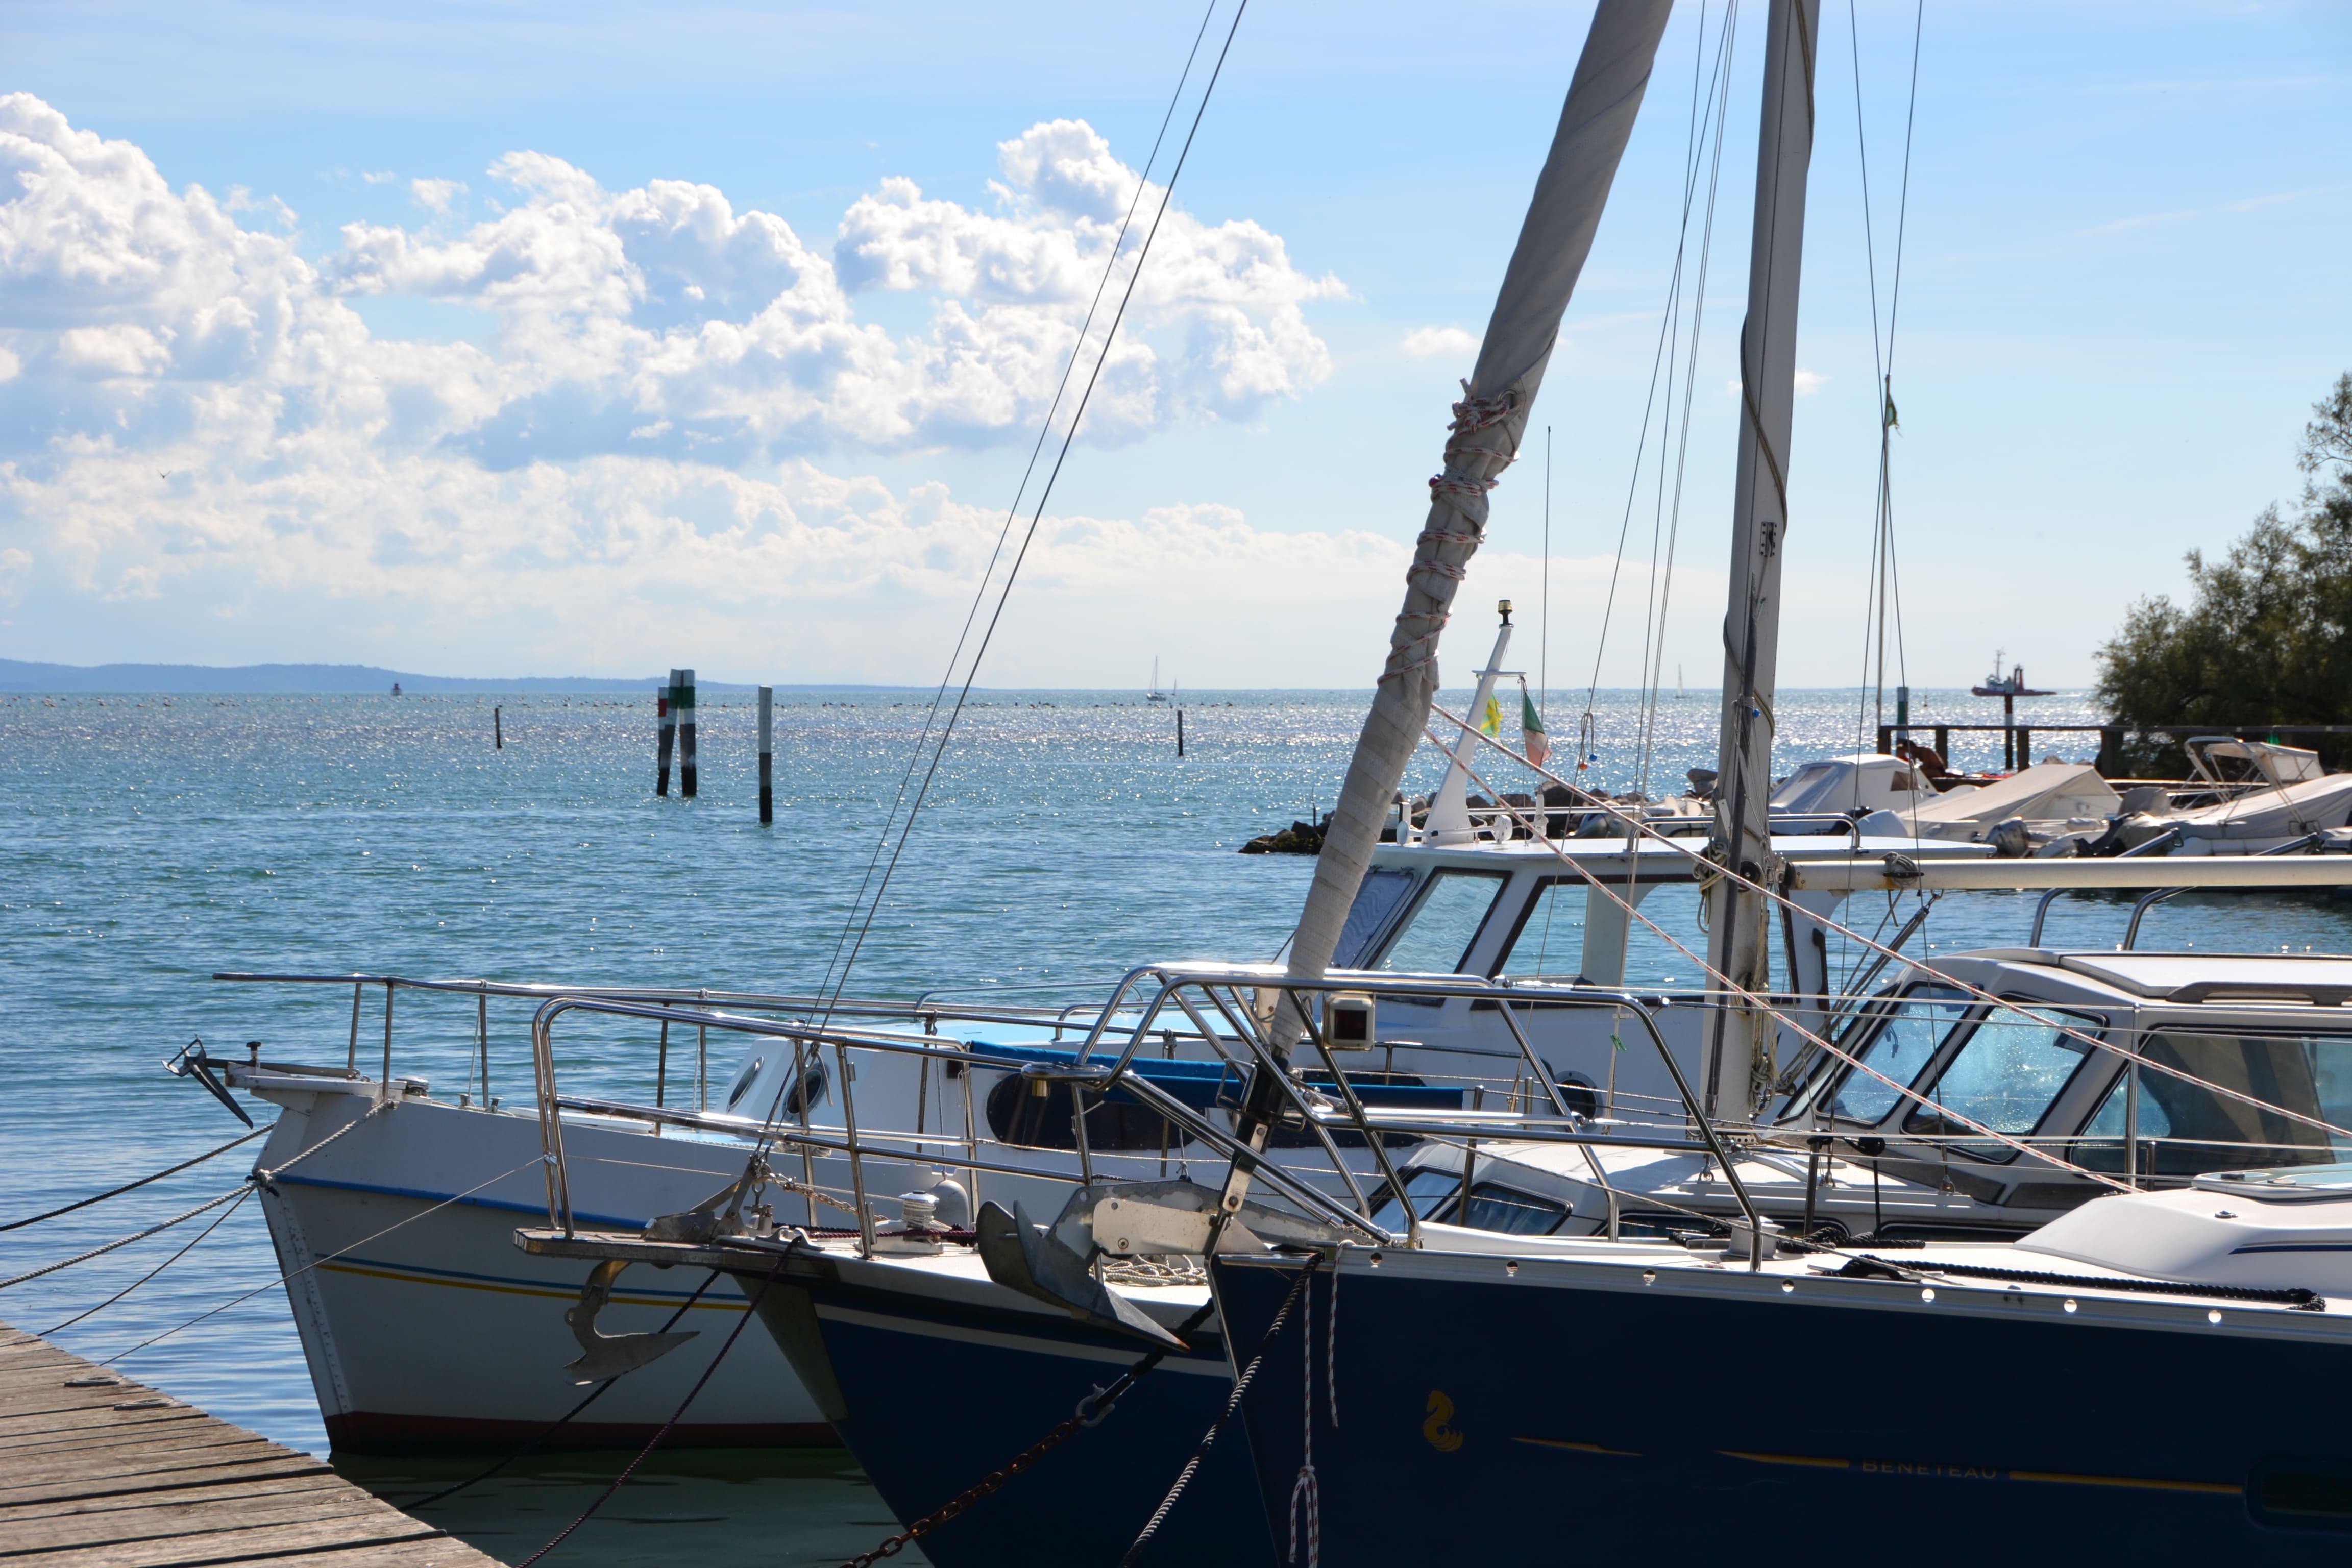 Segelboote In Der Lagune Auf Der Wanderreise Triest